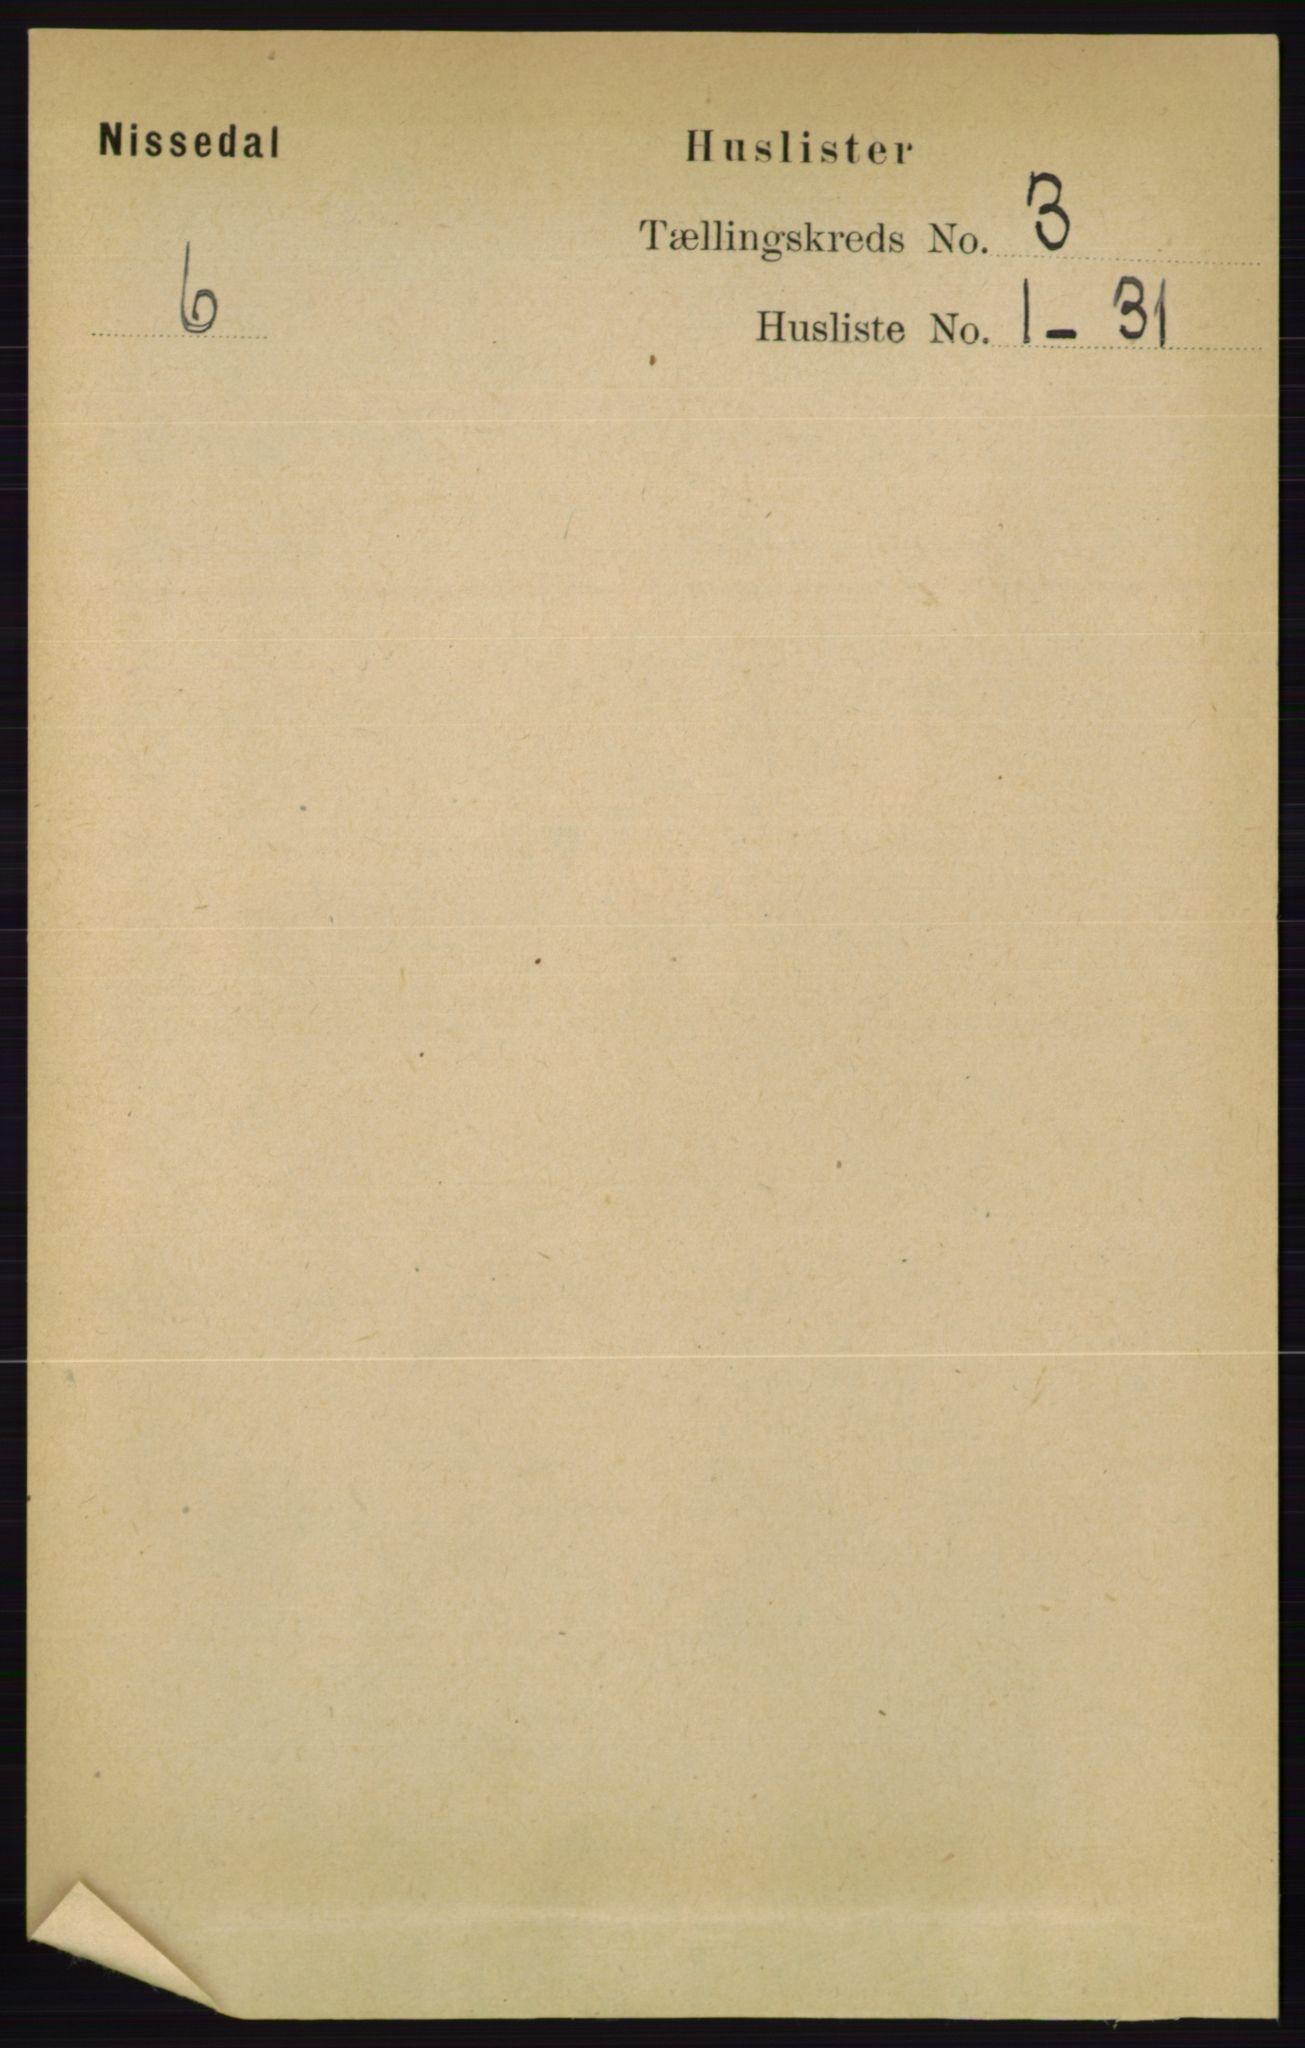 RA, Folketelling 1891 for 0830 Nissedal herred, 1891, s. 596